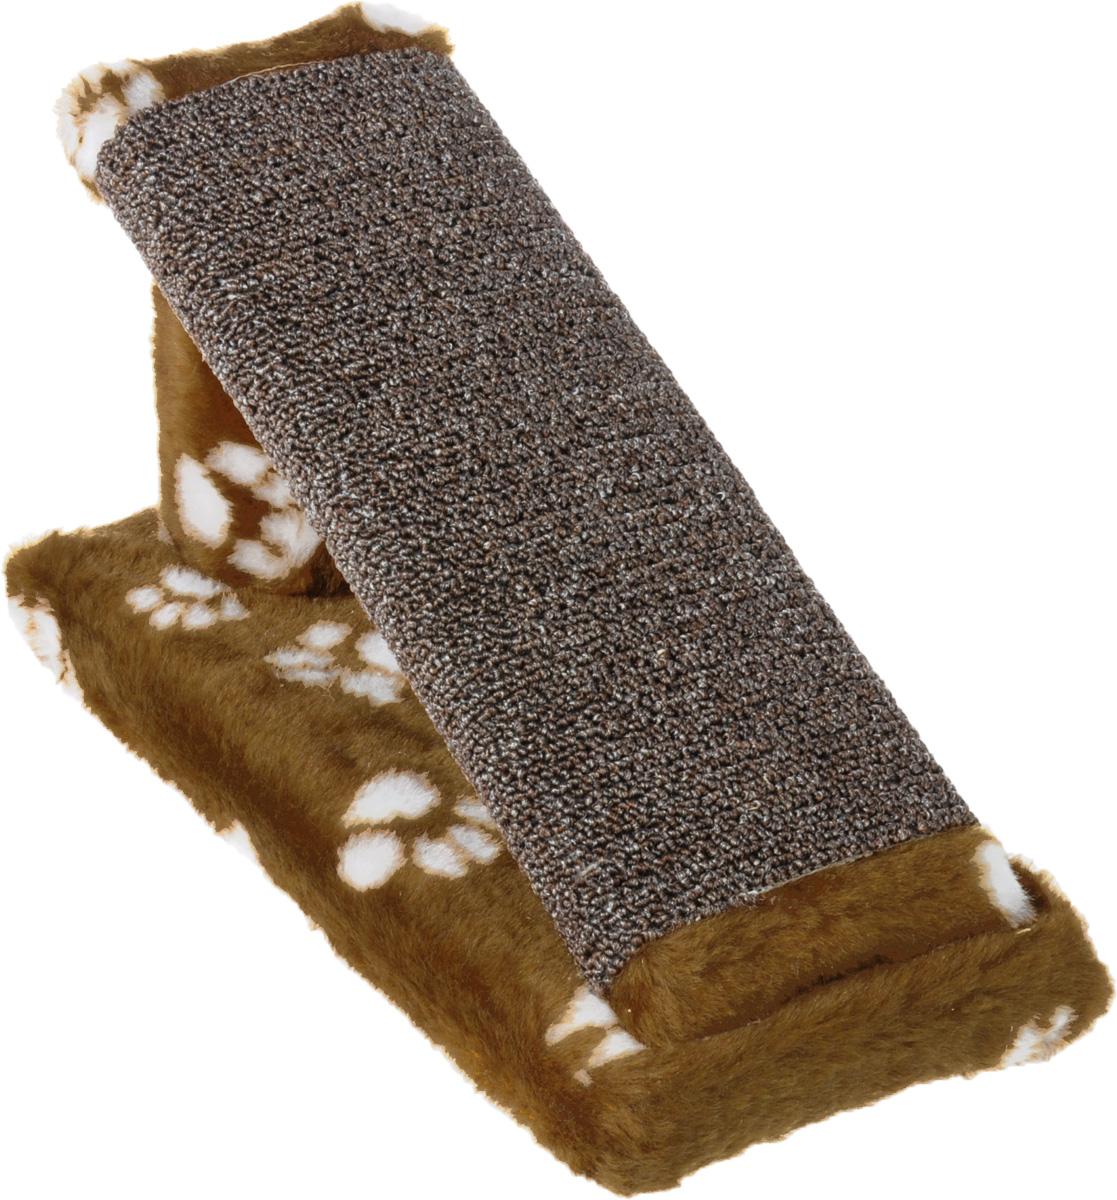 Когтеточка для котят Меридиан Горка, цвет: коричневый, белый, 29 х 14 х 14 смК704Ла_коричневый, белые лапкиКогтеточка Меридиан Горка предназначена для стачивания когтей вашего котенка и предотвращения их врастания. Она выполнена из ДВП, ДСП и искусственного меха. Точатся когти о накладку из ковролина. Такая когтеточка позволяет сохранить неповрежденными мебель и другие предметы интерьера.